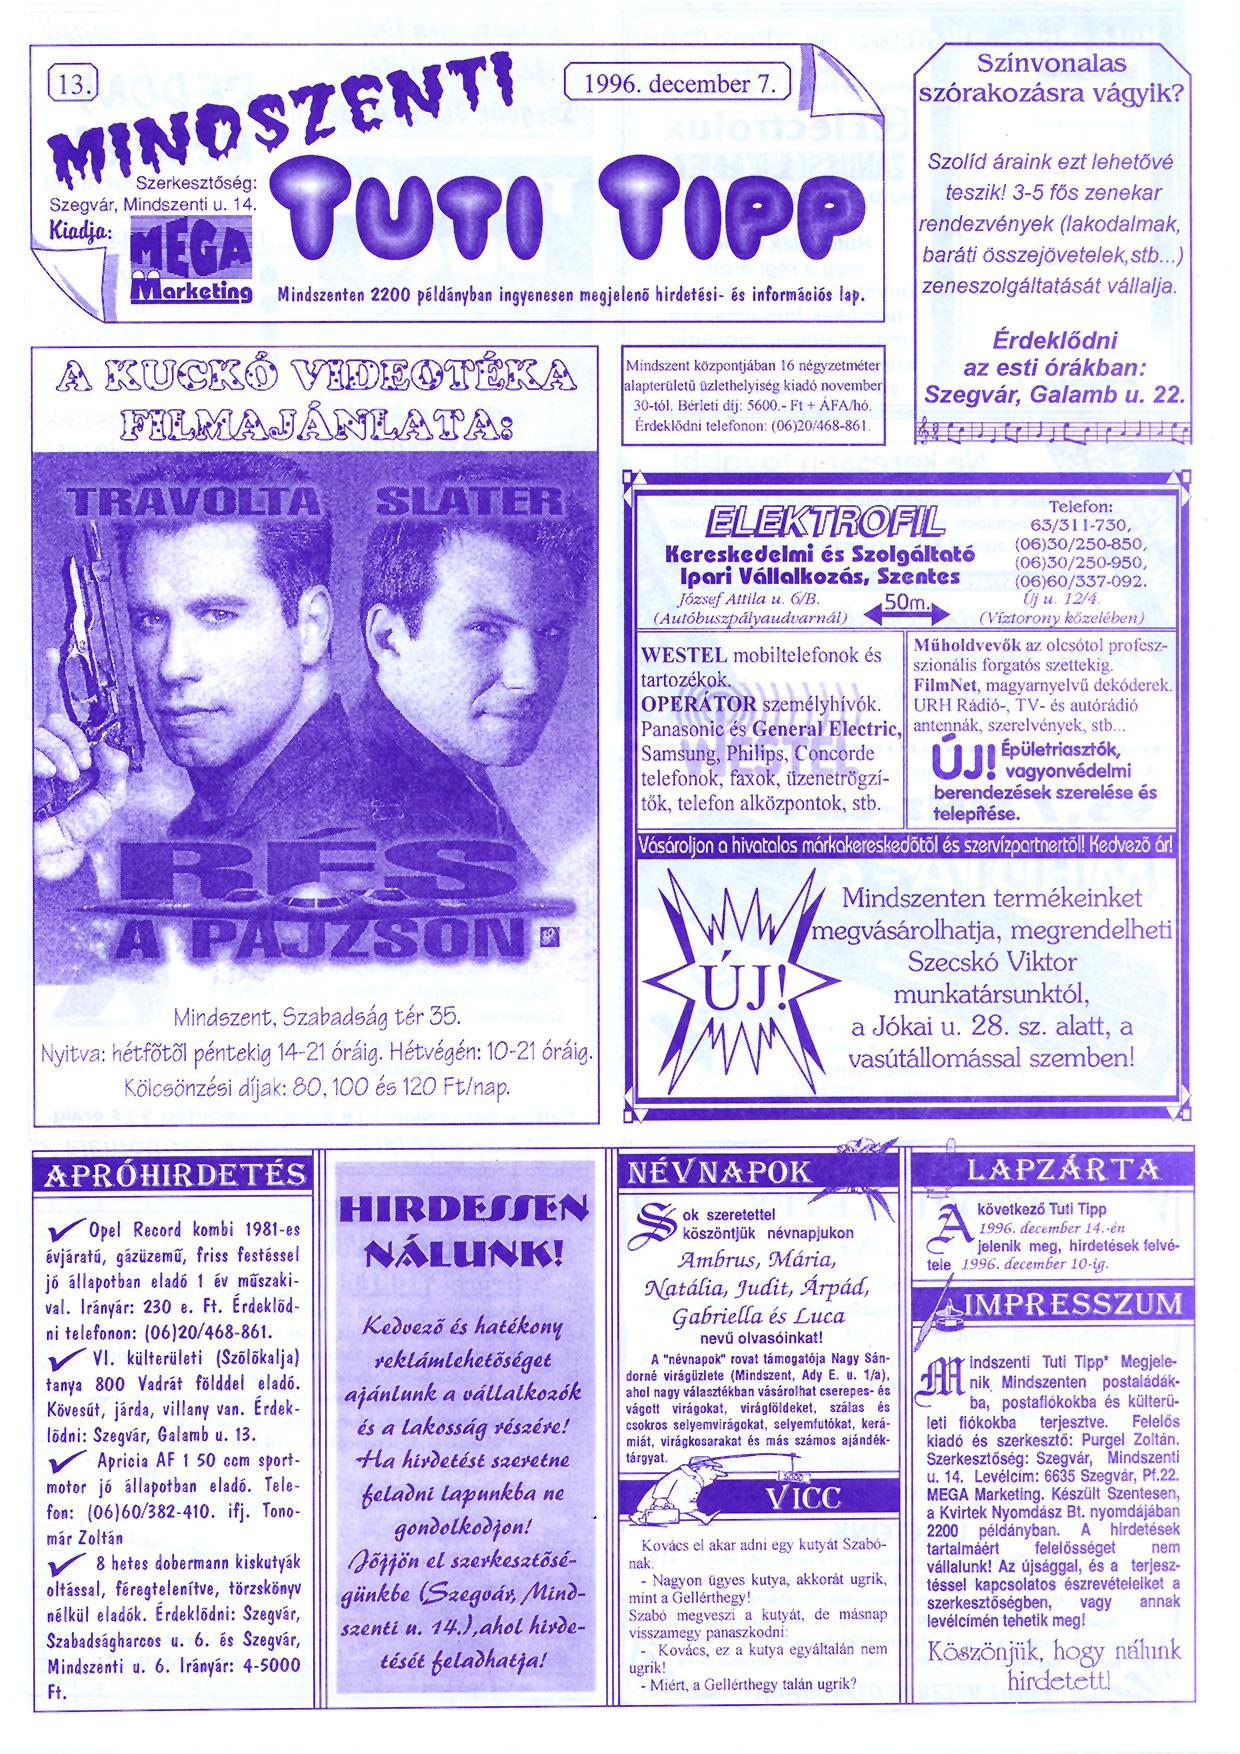 081 Mindszenti Tuti Tipp reklámújság - 19961207-013. lapszám - 1.oldal - II. évfolyam.jpg